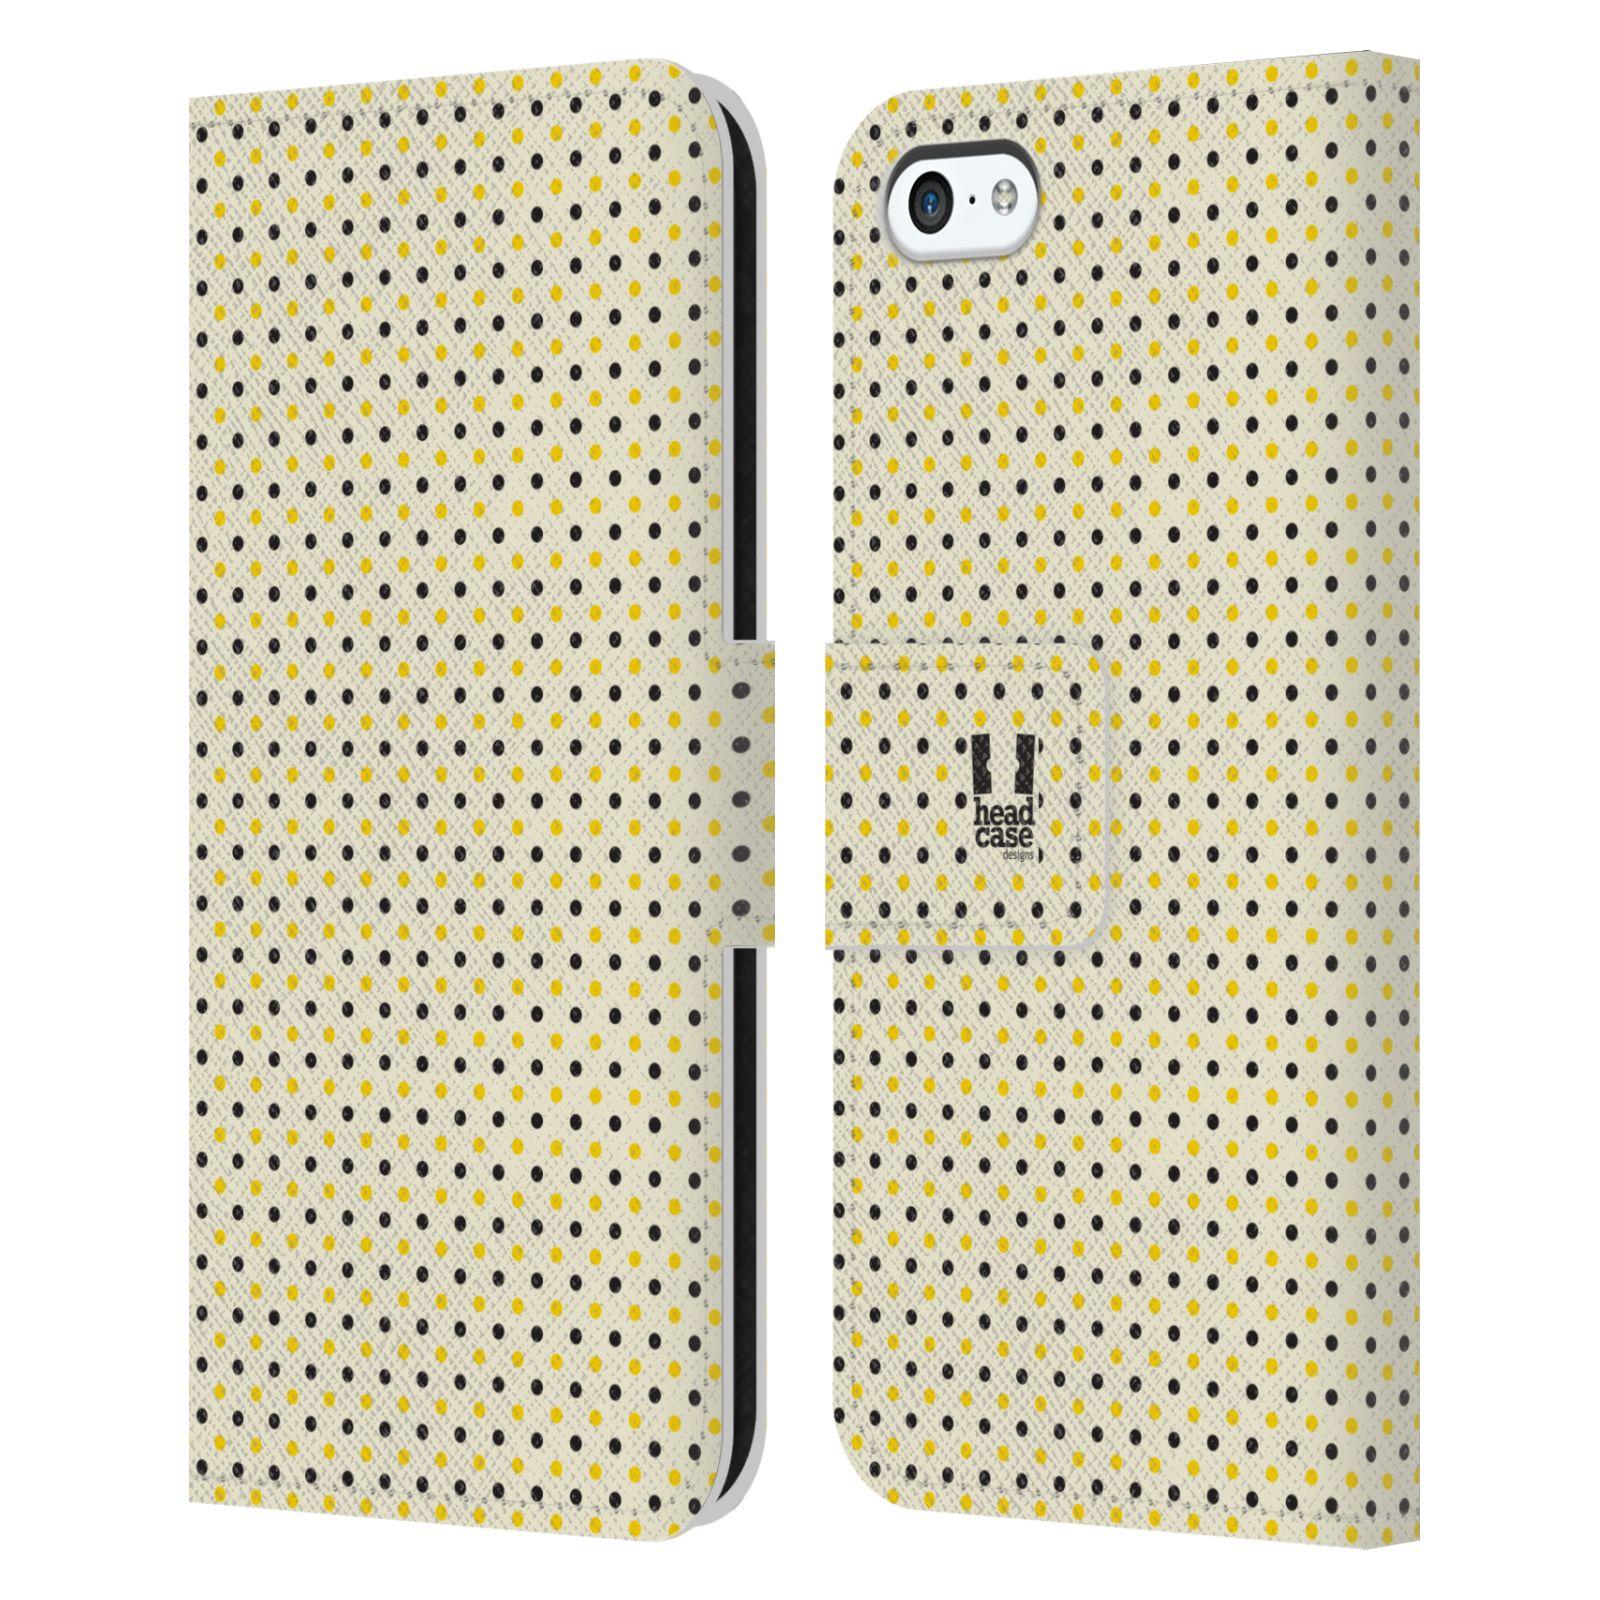 HEAD CASE Flipové pouzdro pro mobil Apple Iphone 5C VČELÍ VZOR tečky a puntíky